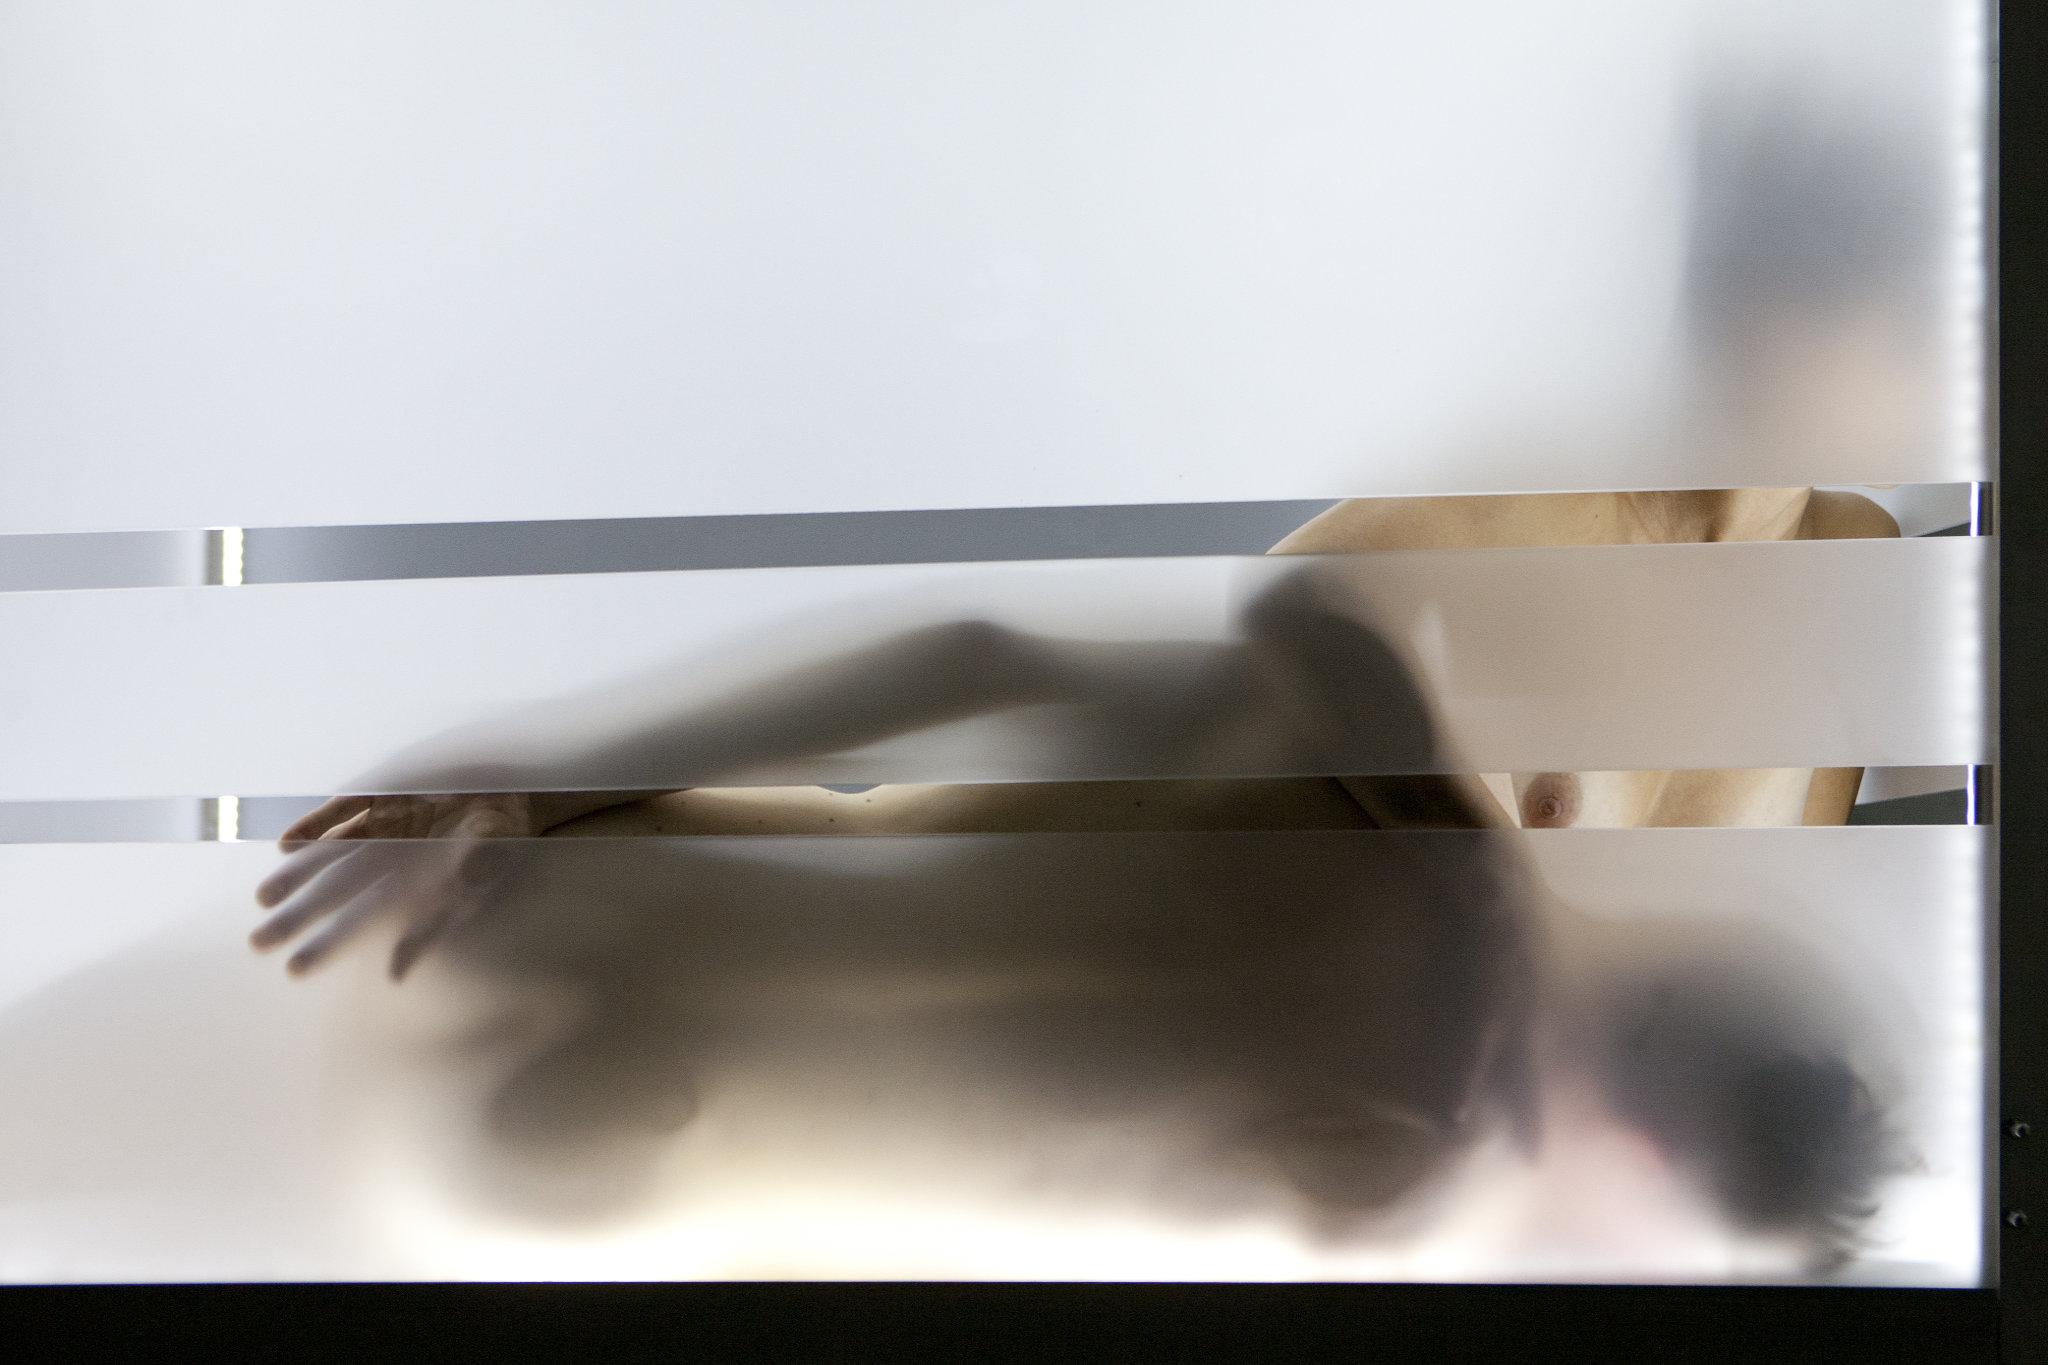 underground_cm081-celine-michel-prototype-status-web